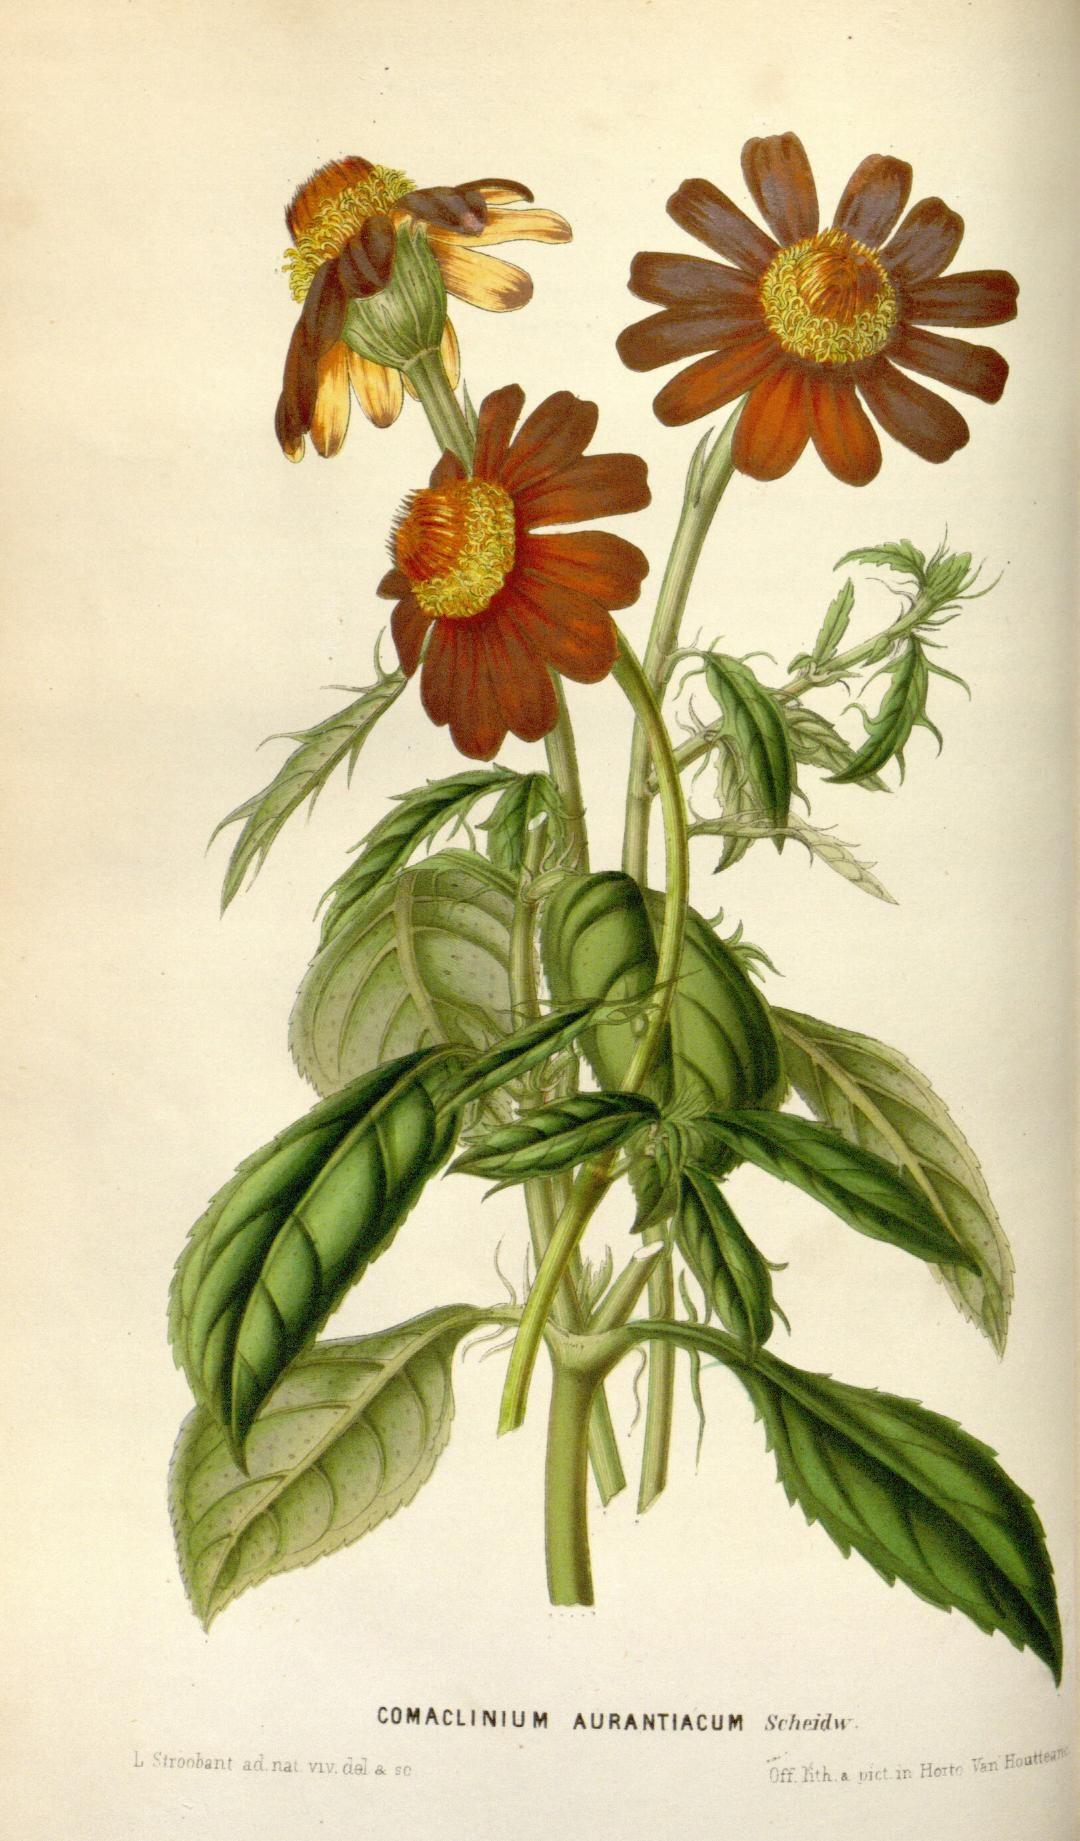 Comaclinium aurantiacum